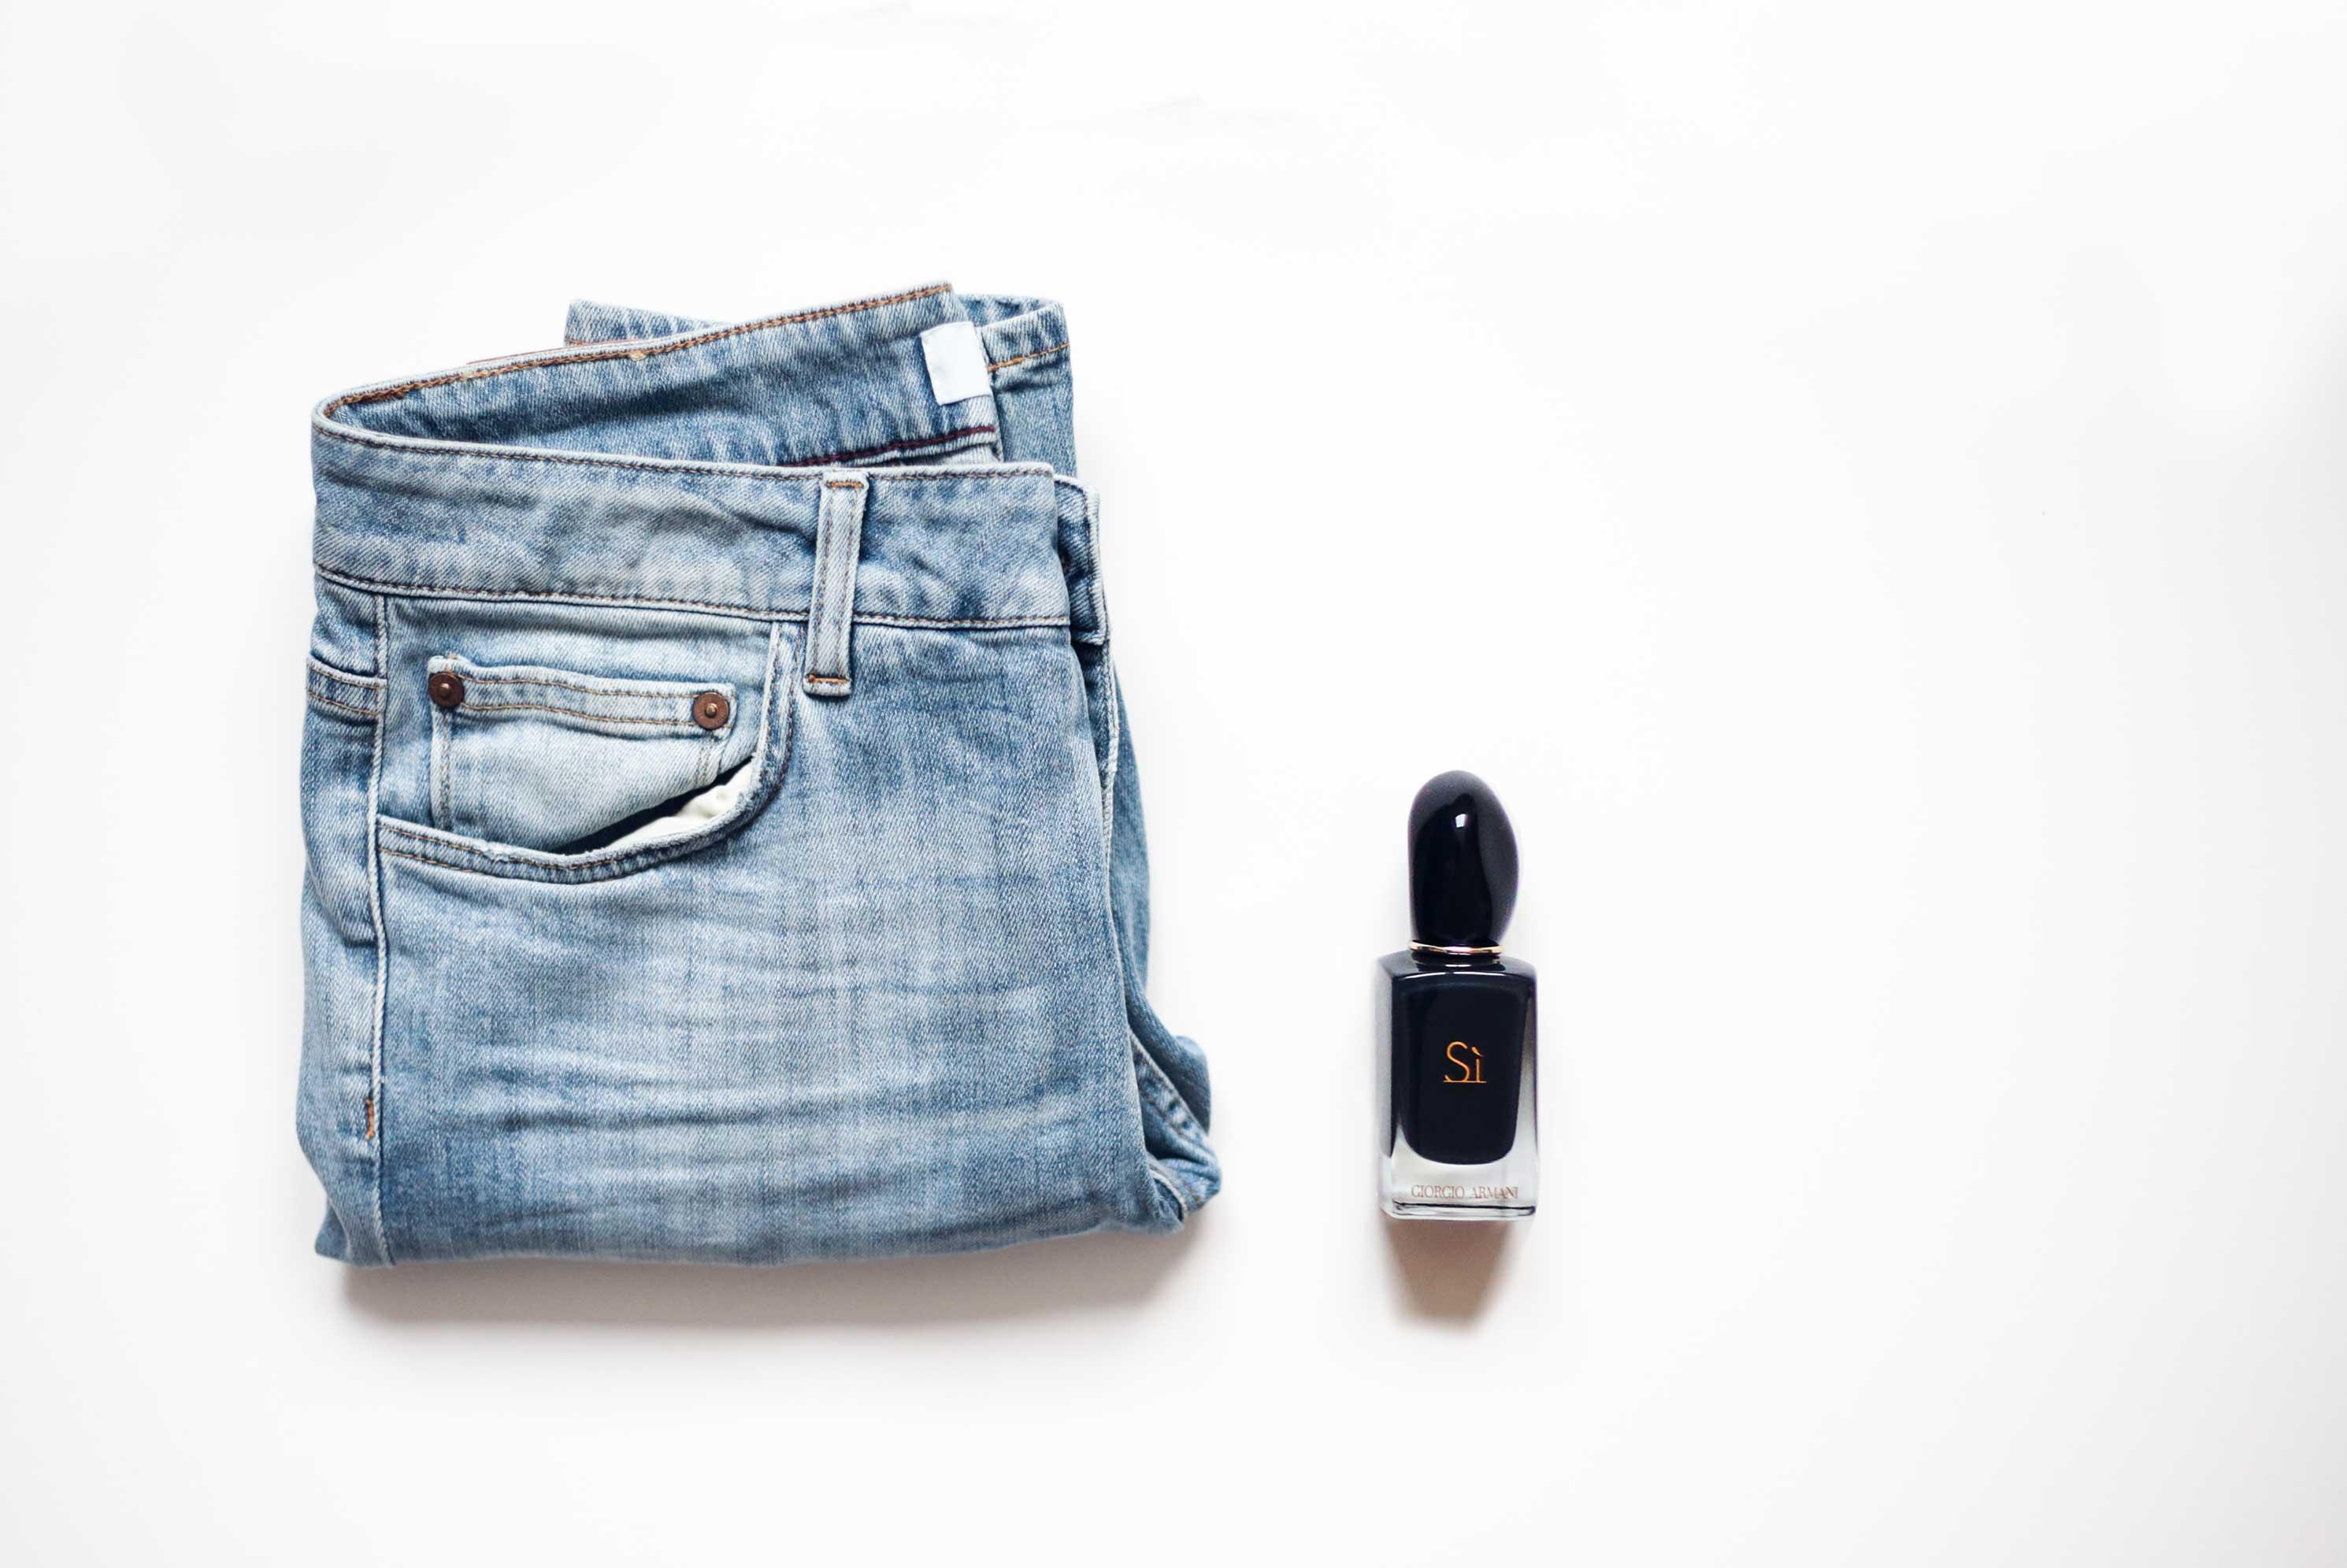 das-kleiderschrank-projekt-praxisbuch-schonhalbelf-giorgio-armani-si-lifestyle-jeans-closed-denim-fashion-kleiderschrank